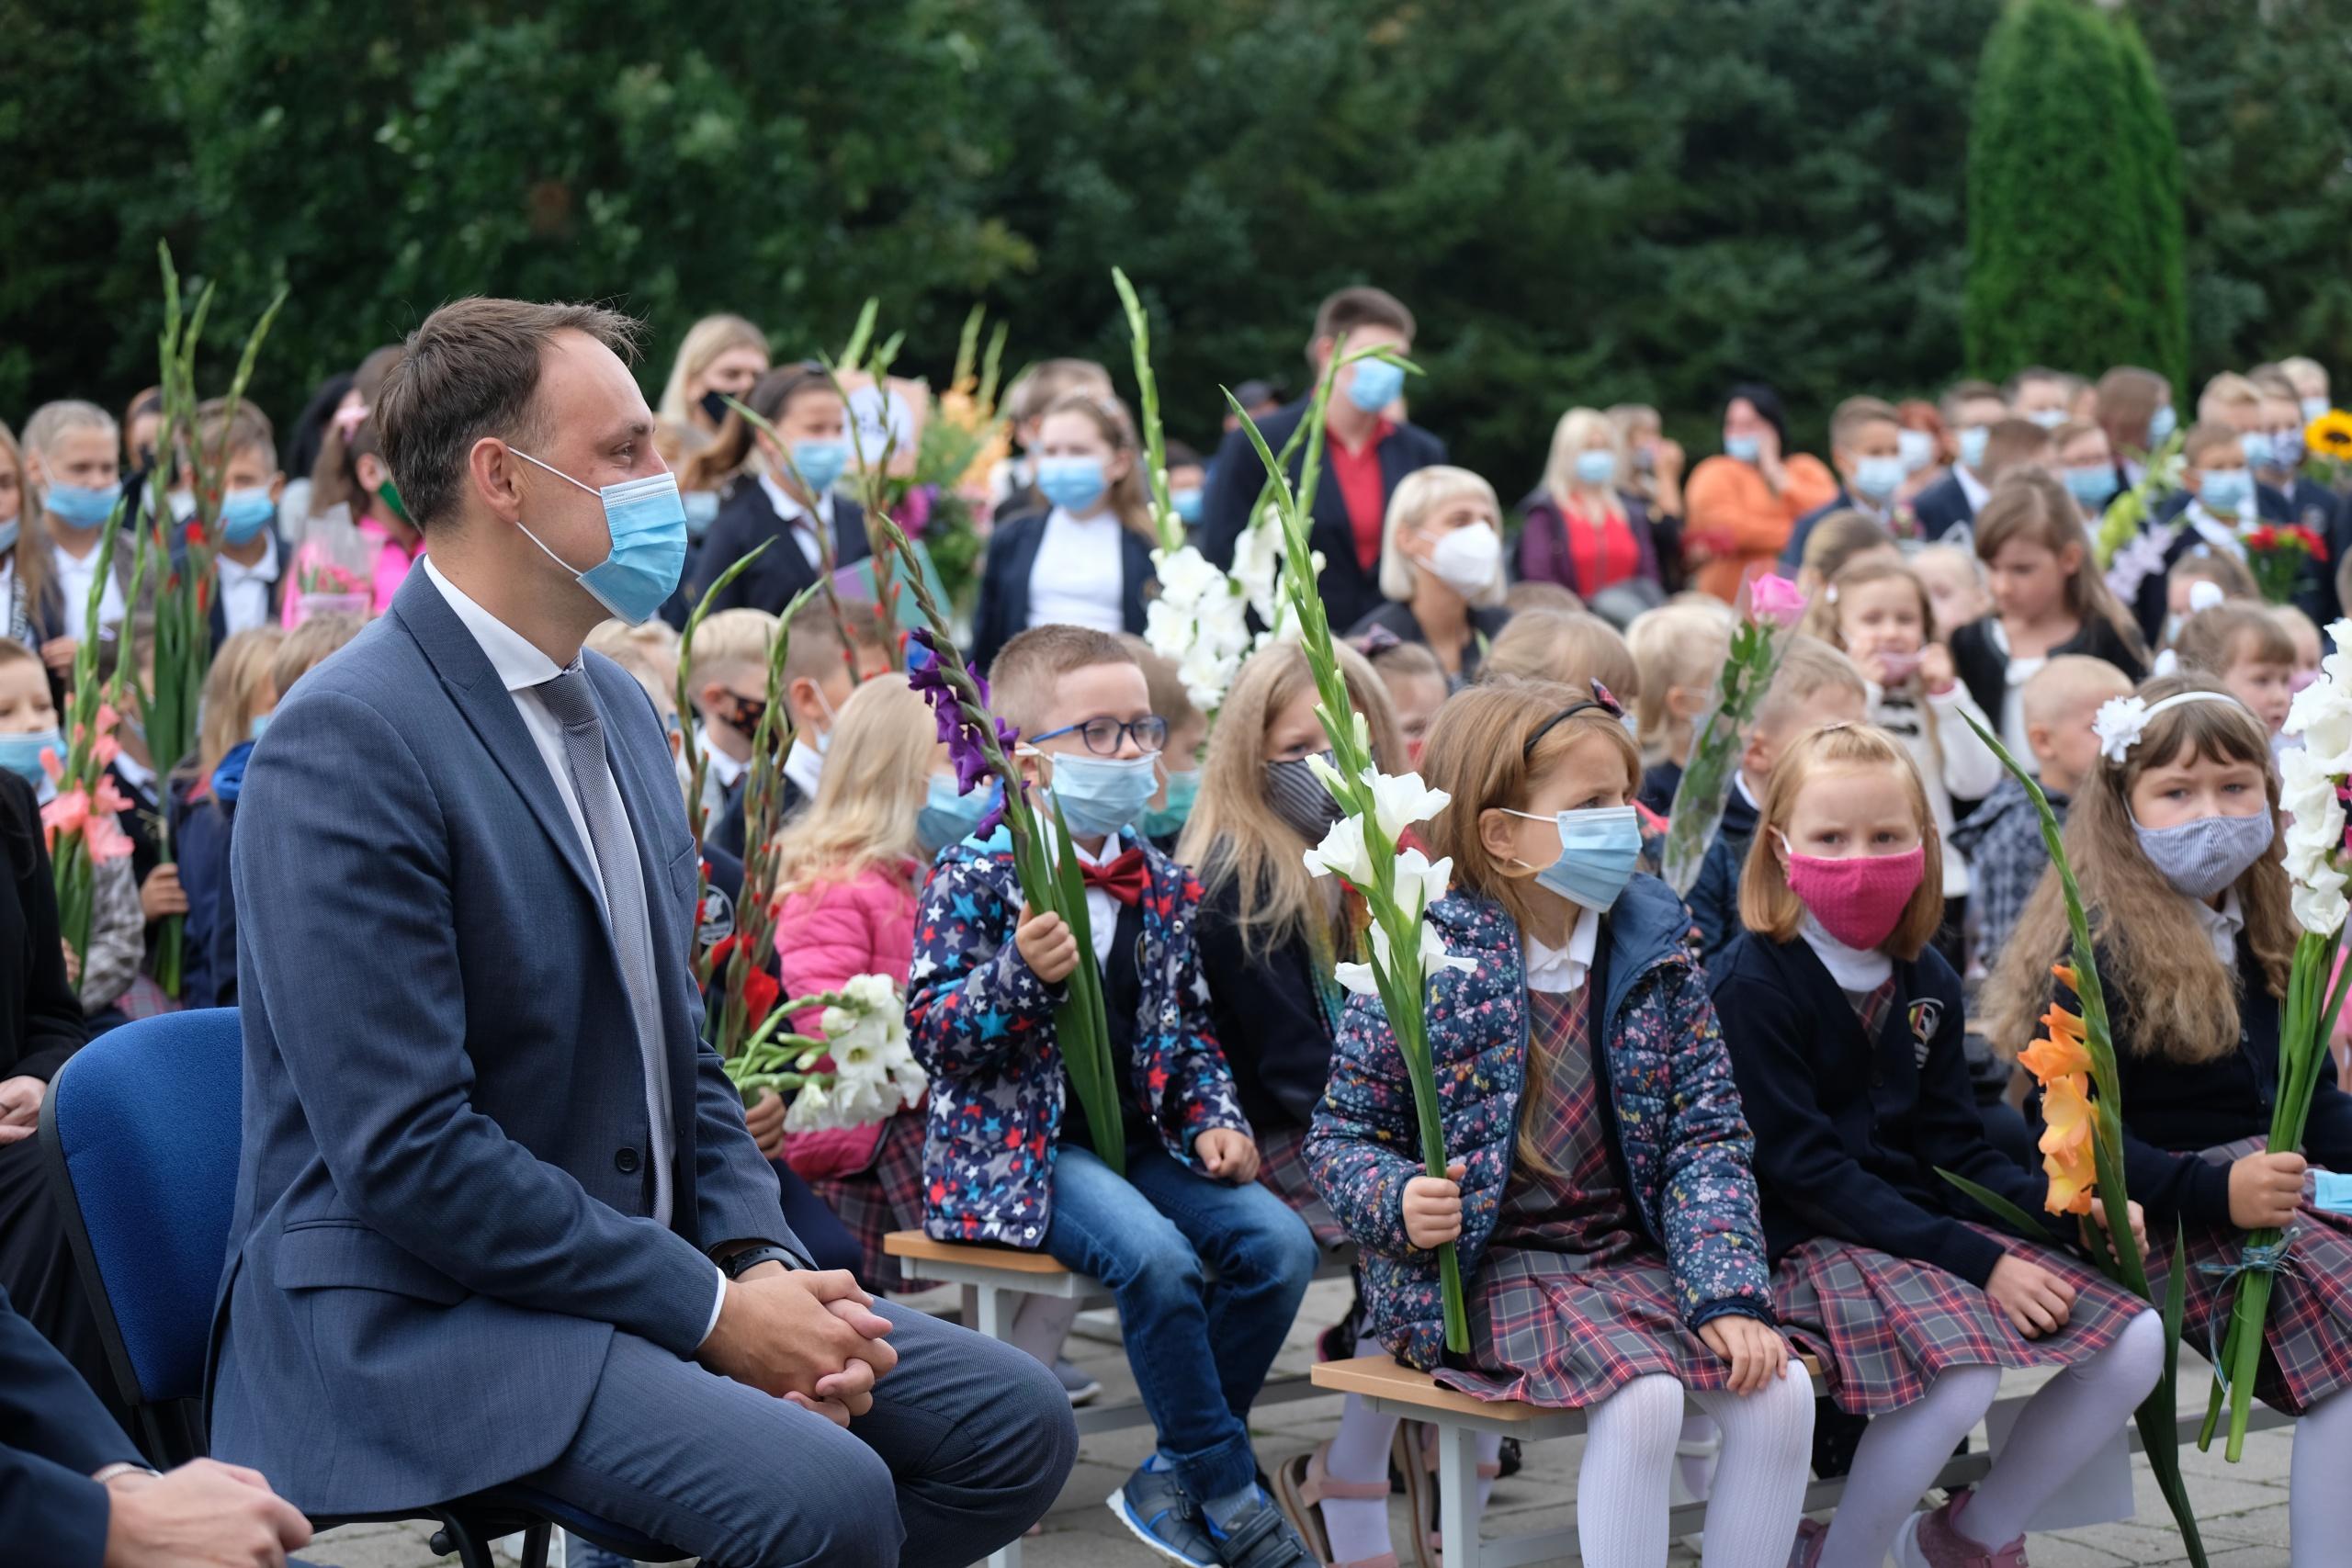 Rugsėjo 1-oji į mokyklas sukvietė beveik 7 tūkstančius Alytaus miesto mokinių 1